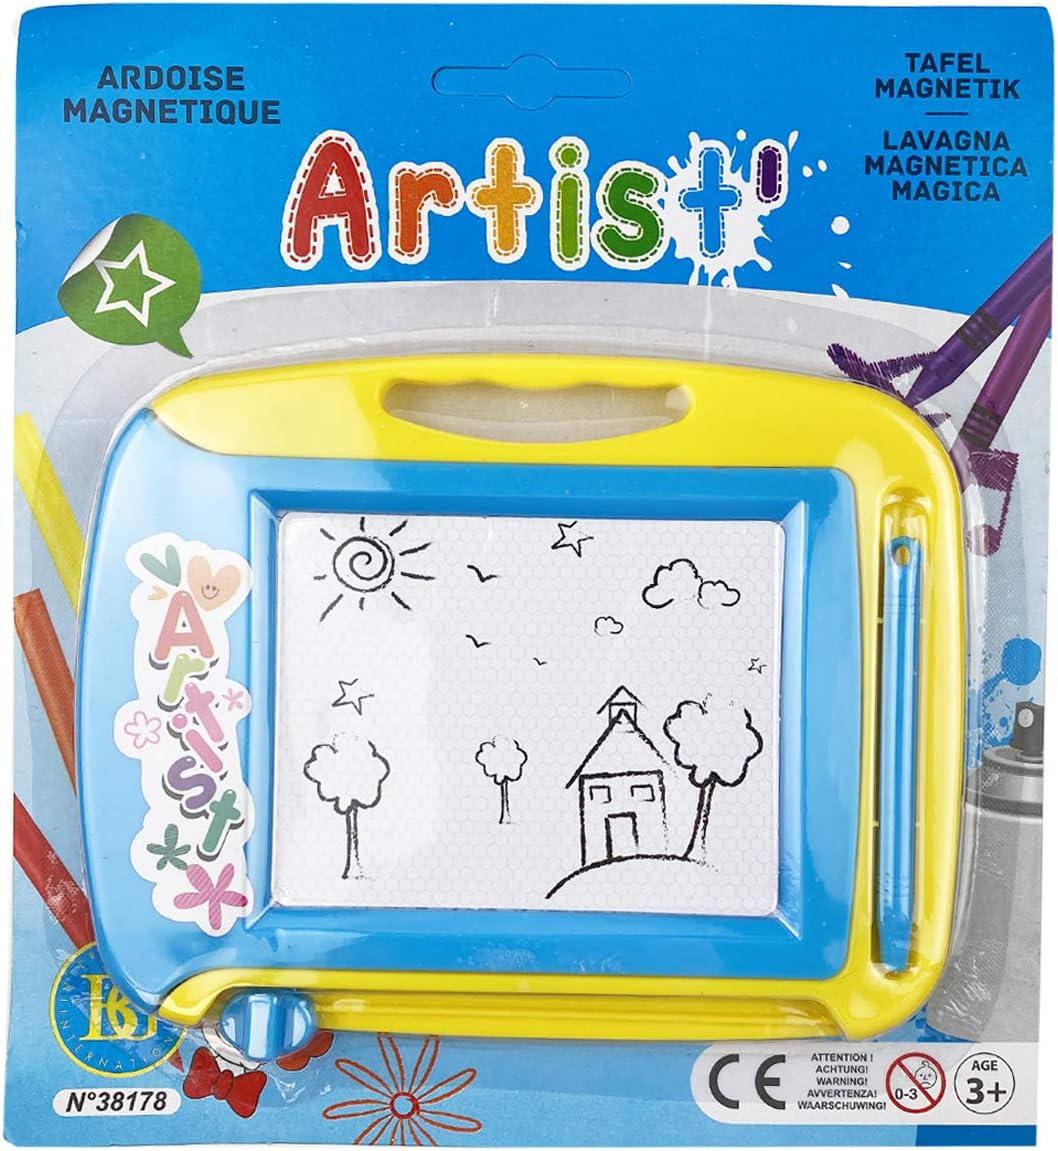 AURSTOR BASA Mini Ardoise Magique 16 X 12,5 cm-Tableau de Dessin Magn/étique Effa/çable-Jouet Educatif pour enfants cf200001